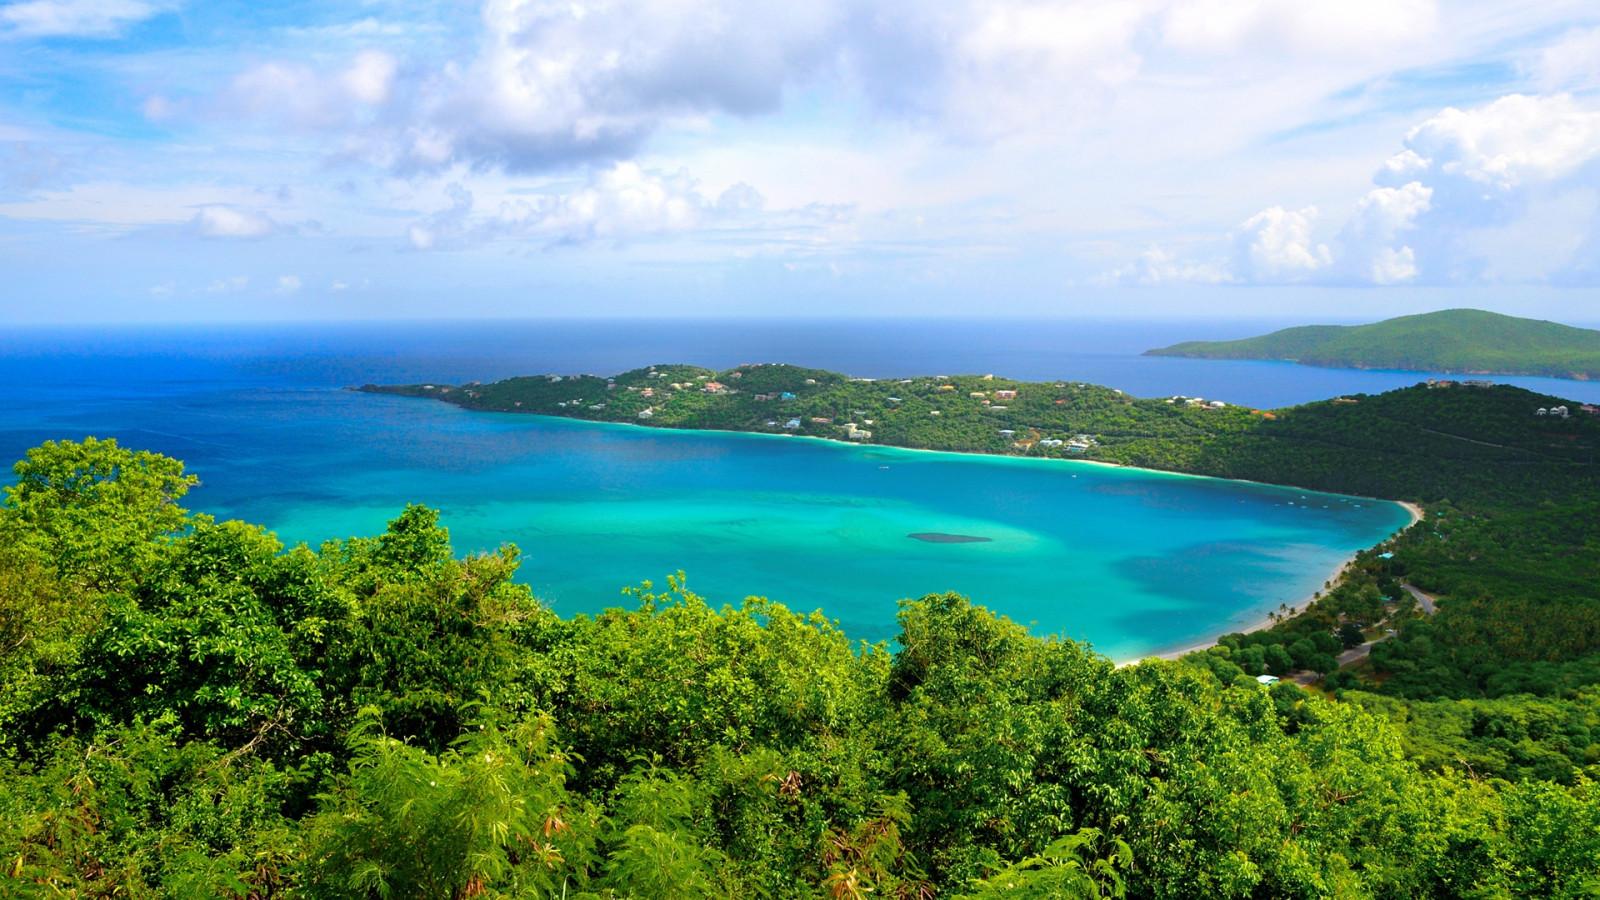 кого нибудь фото сейшельских островов на рабочий стол кредитной карте банке